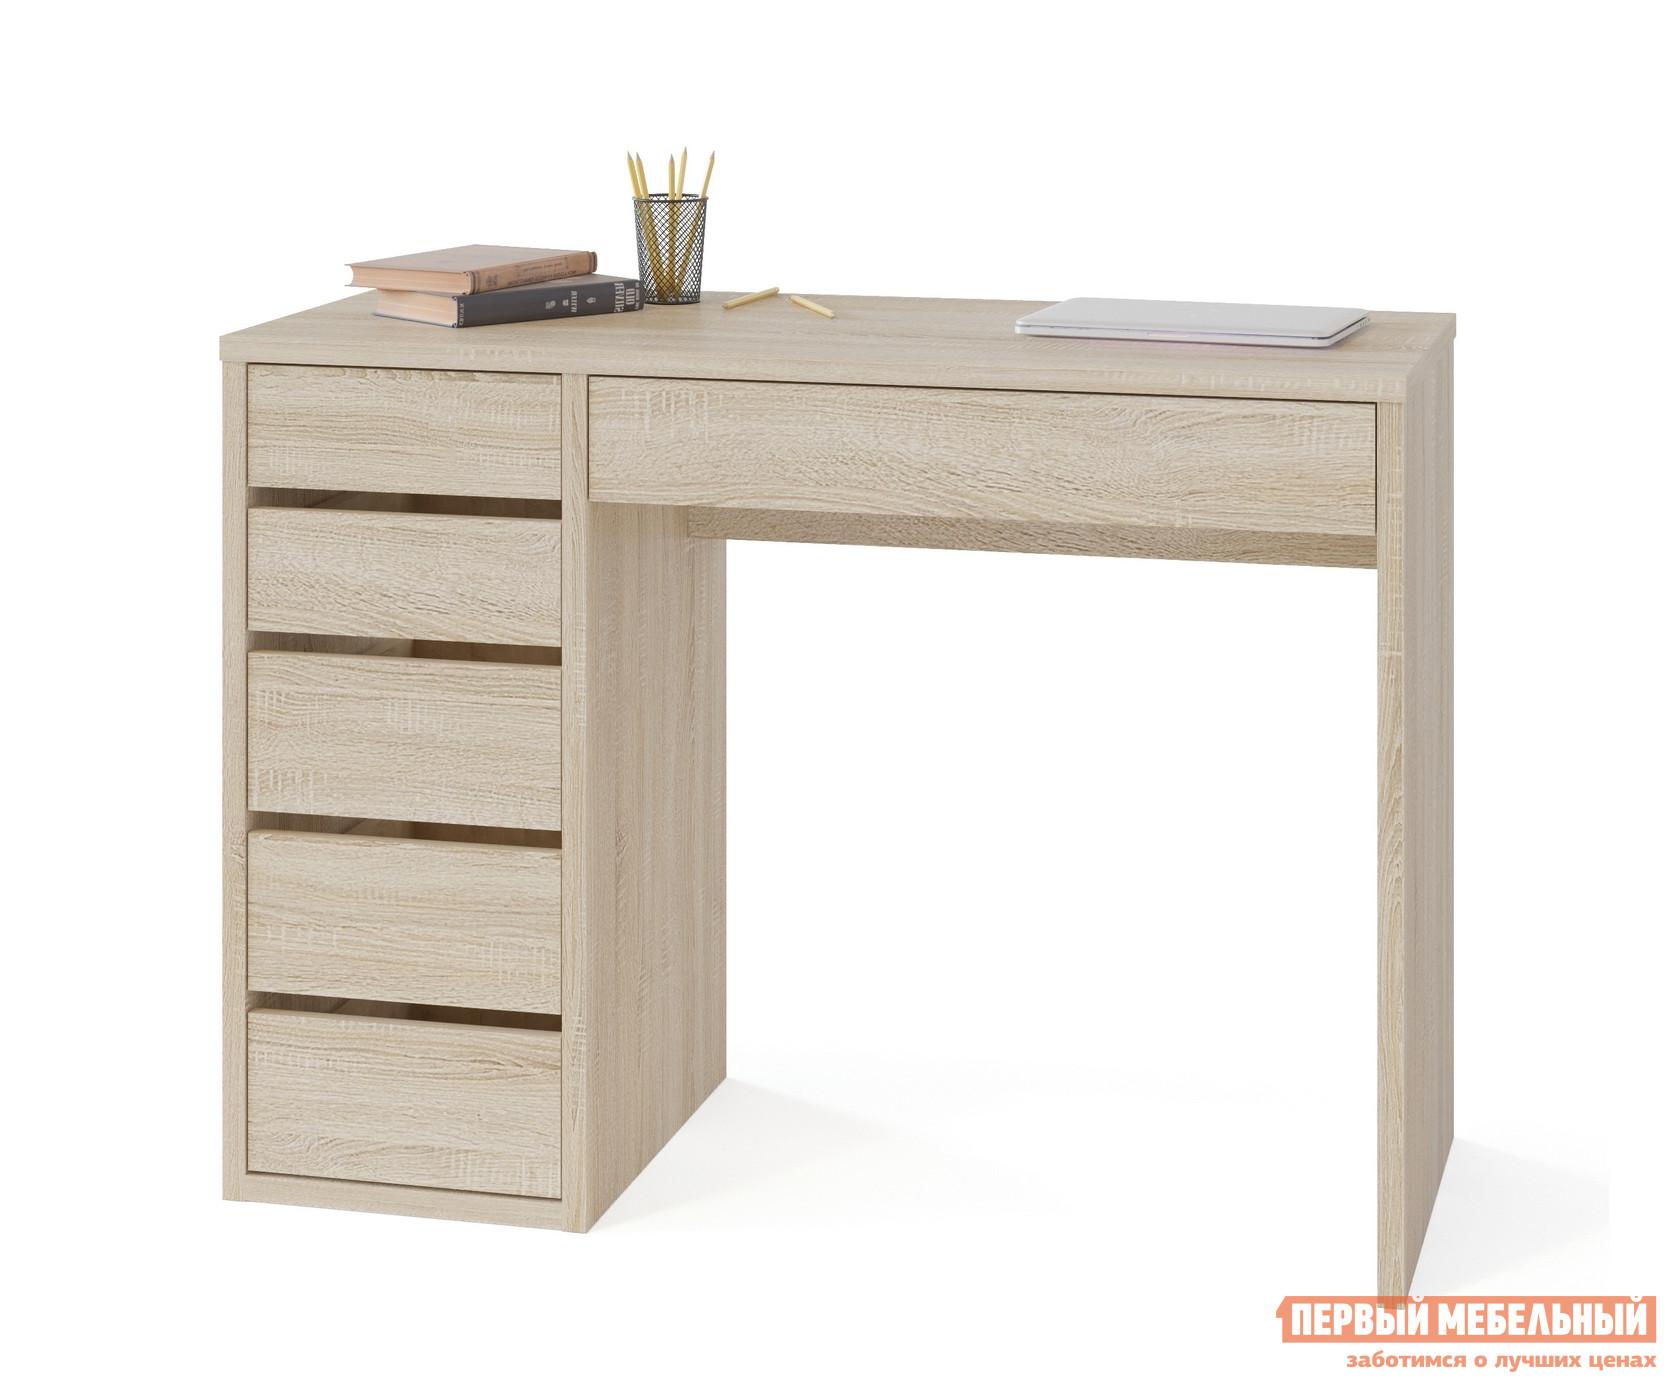 Фото Письменный стол Тайга СПм-10 Дуб Сонома, Правый. Купить с доставкой